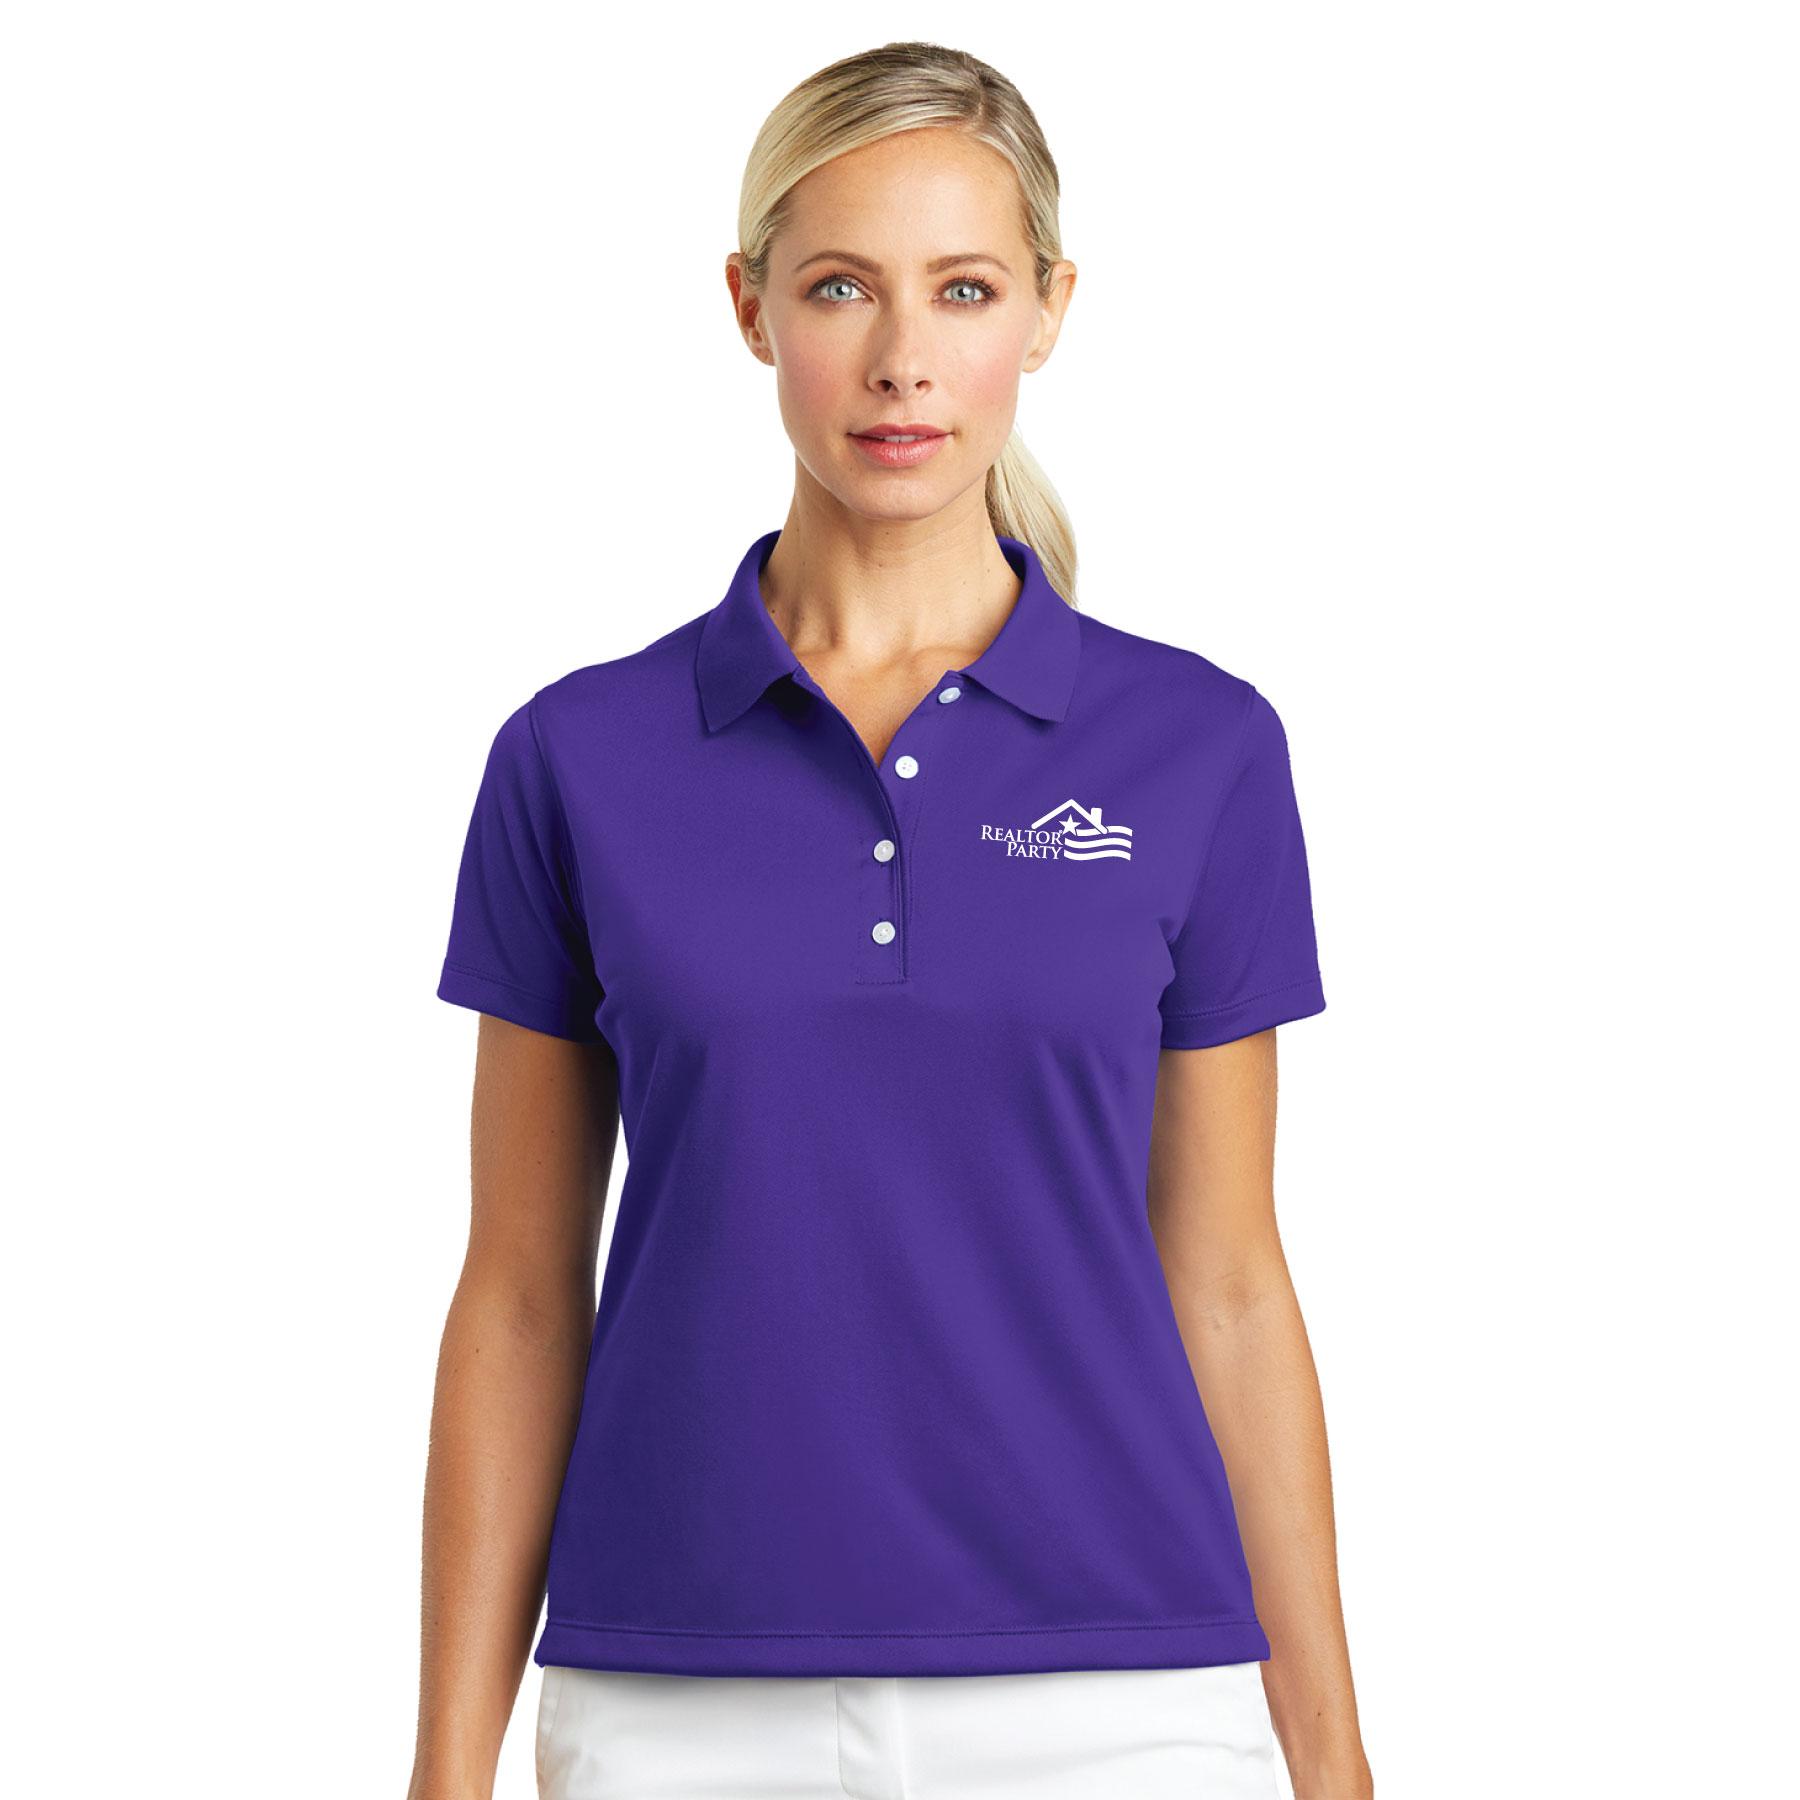 REALTOR® Party Ladies Nike® Tech Basic Dri-FIT® Polo - RCL1301-RP